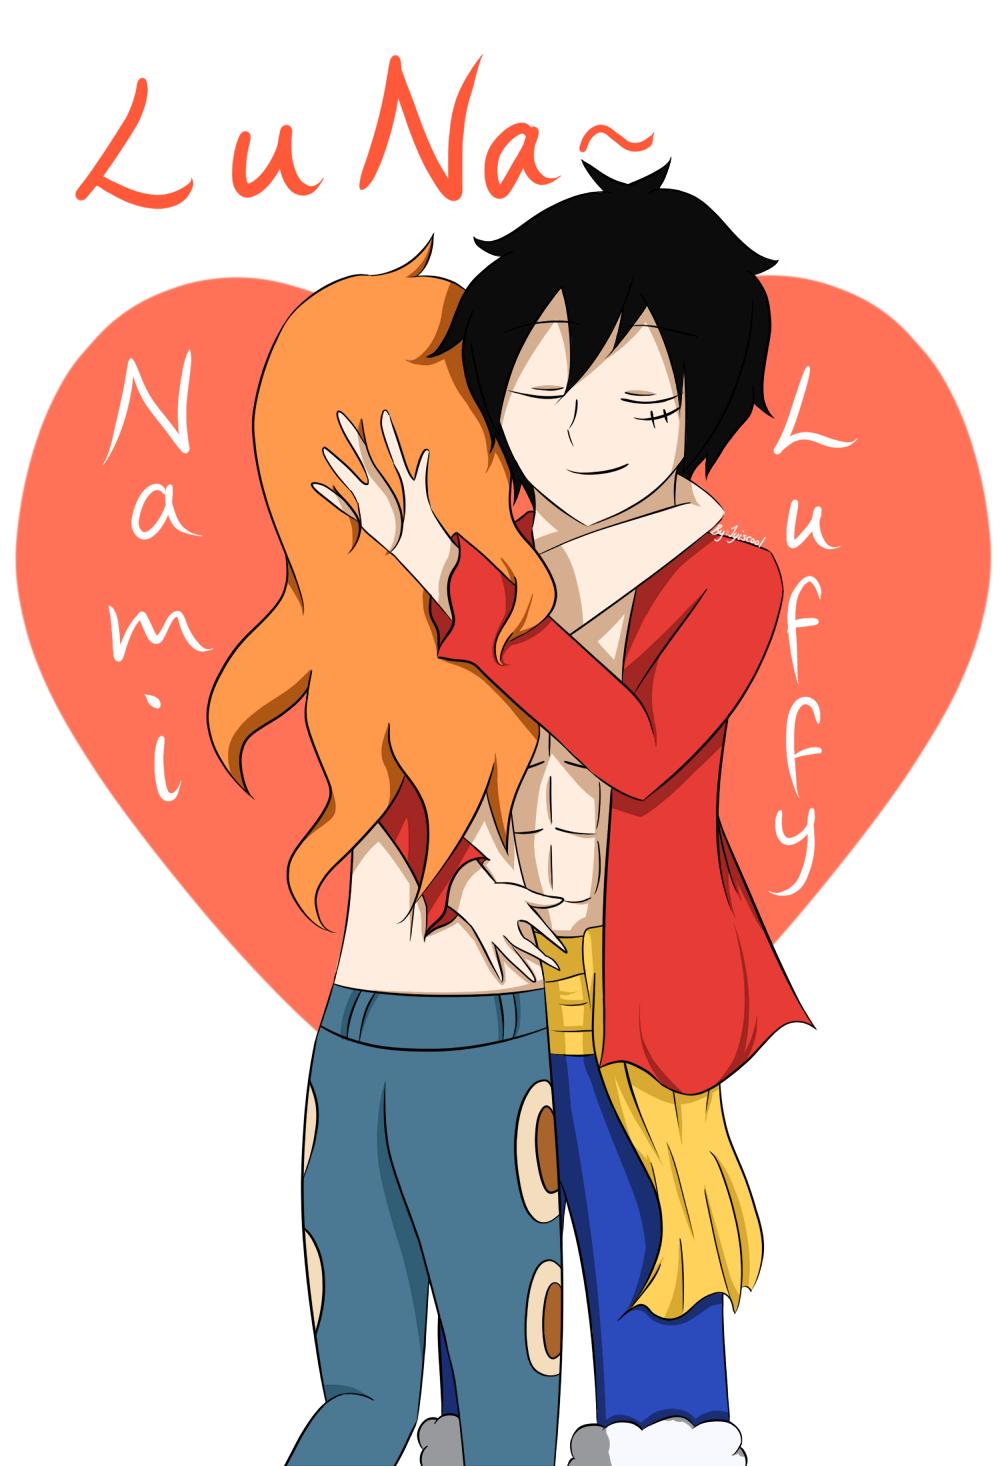 One Piece - Luffy x Nami by Jyiscool